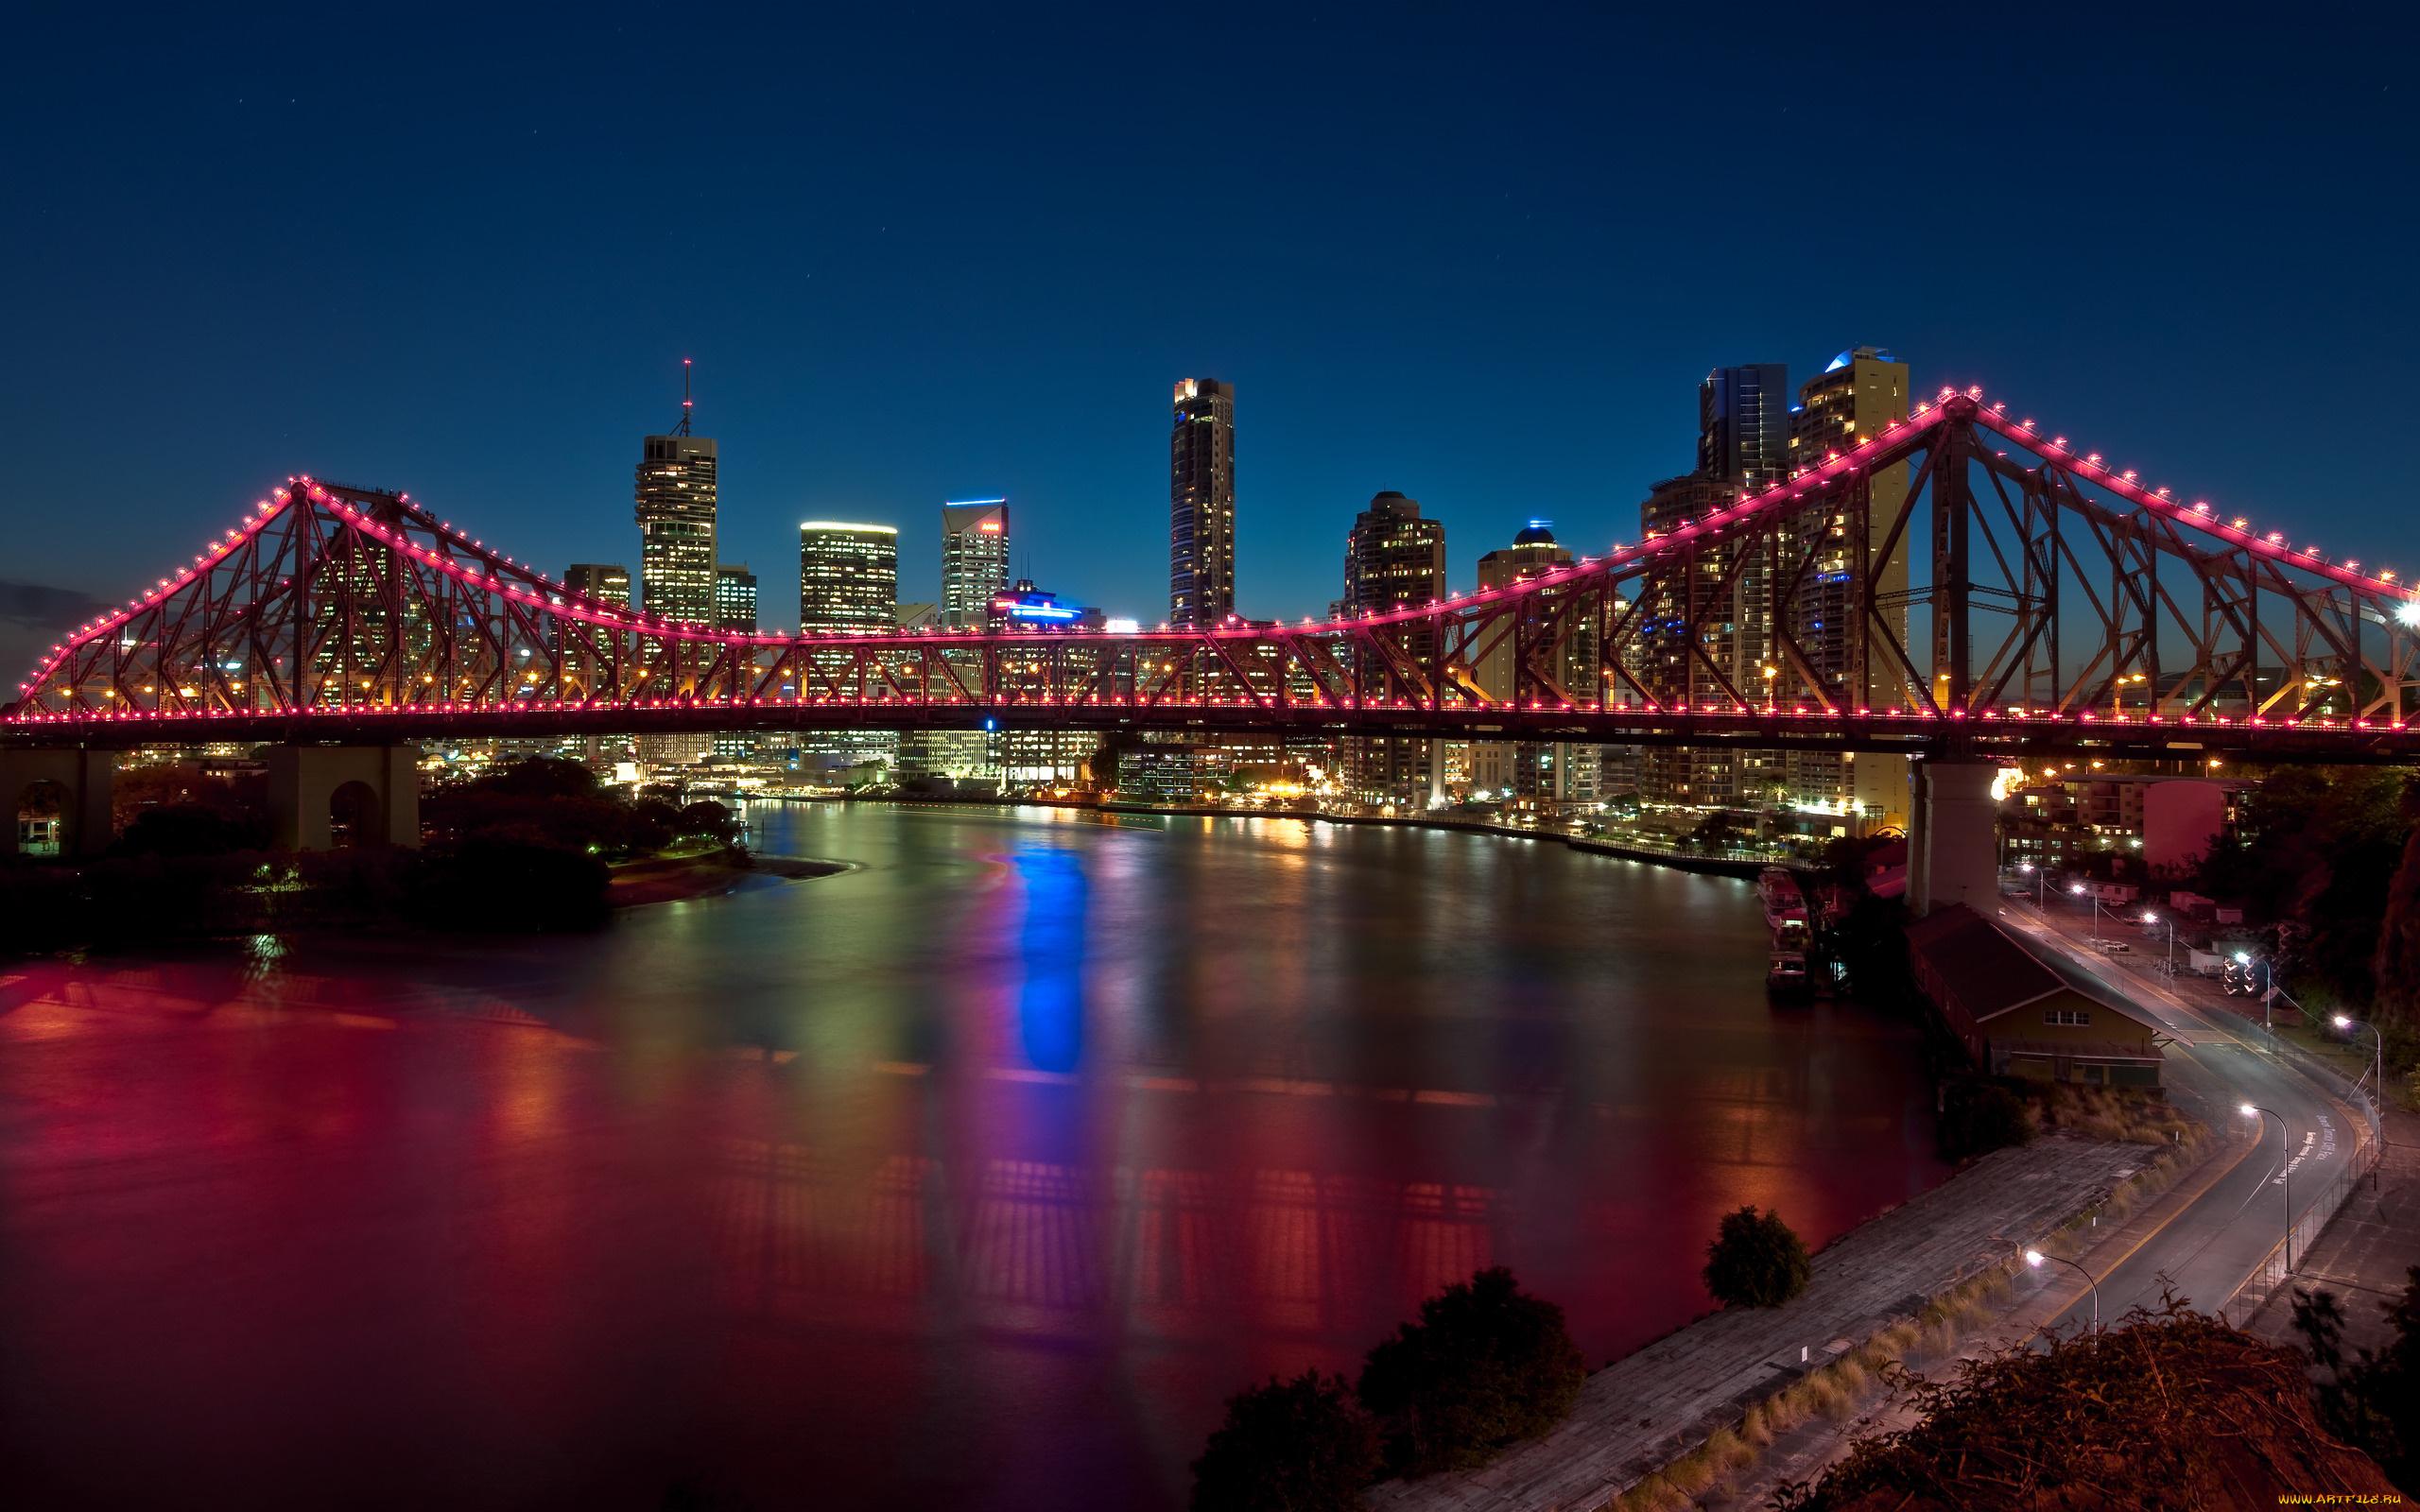 мост вечер мегаполис  № 3360571 бесплатно